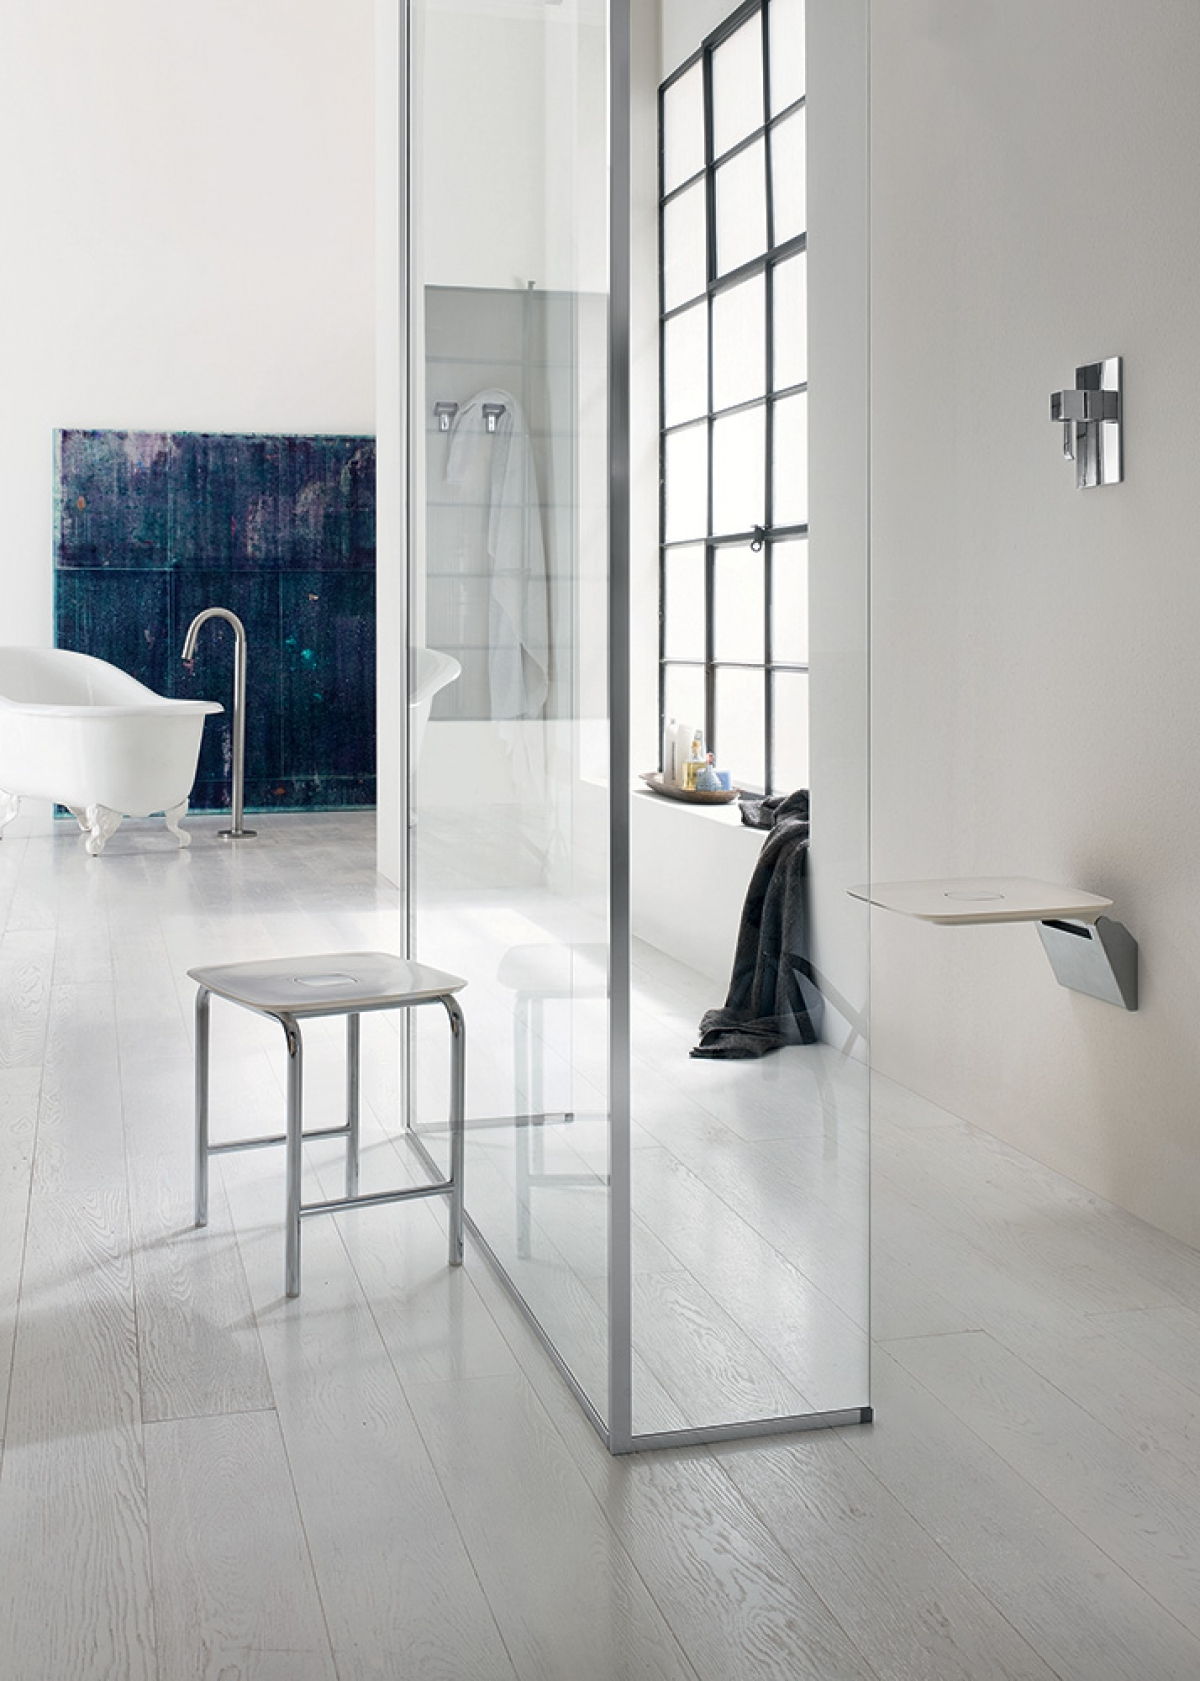 Tabouret inda induscabel salle de bains chauffage et for Inda salle de bain